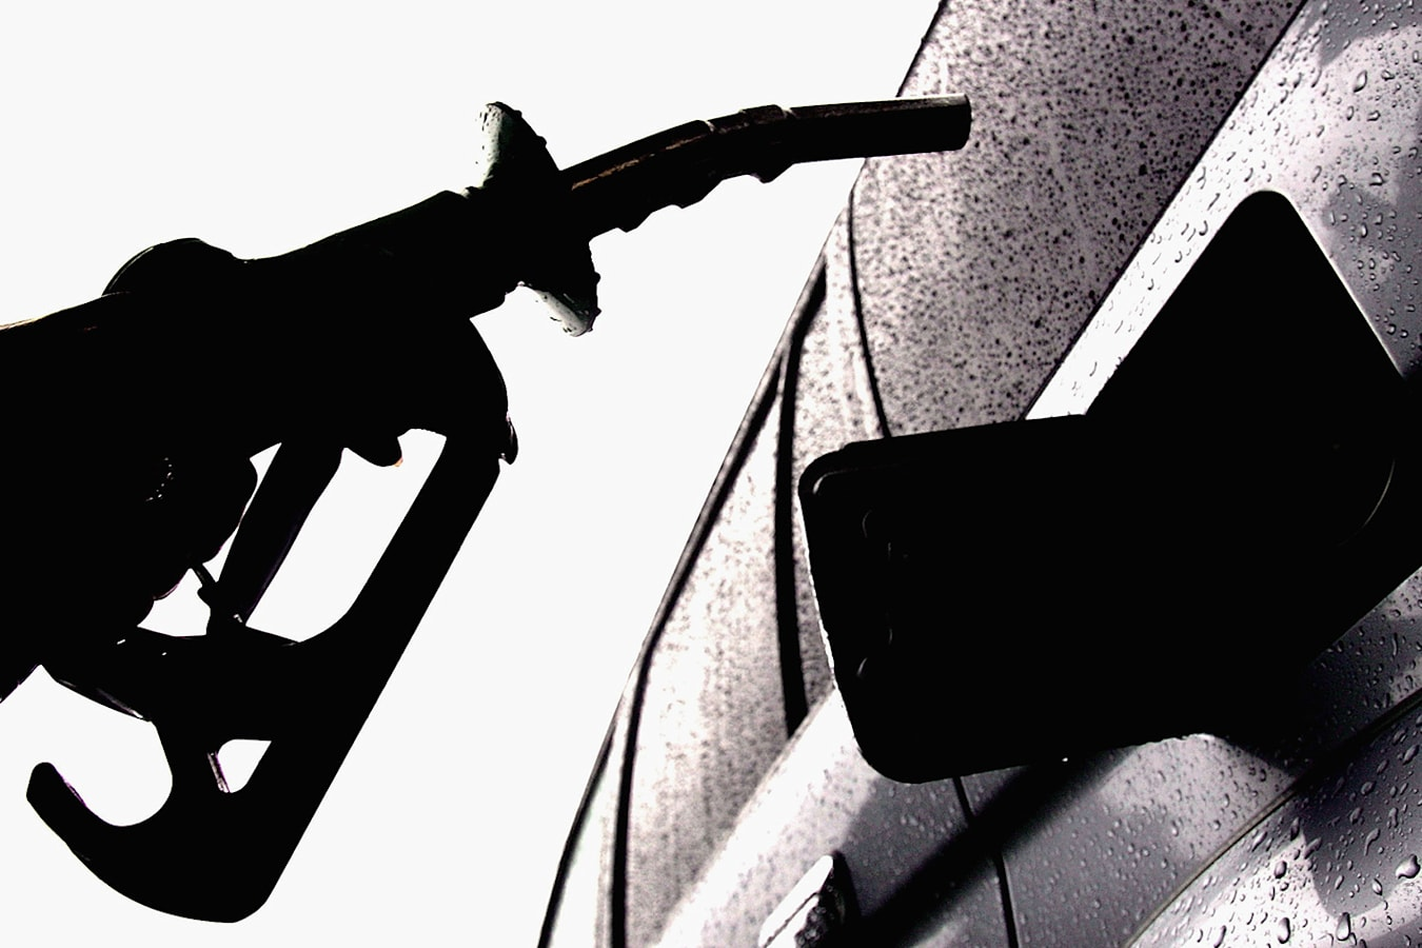 Fuel Nozzle Jpg